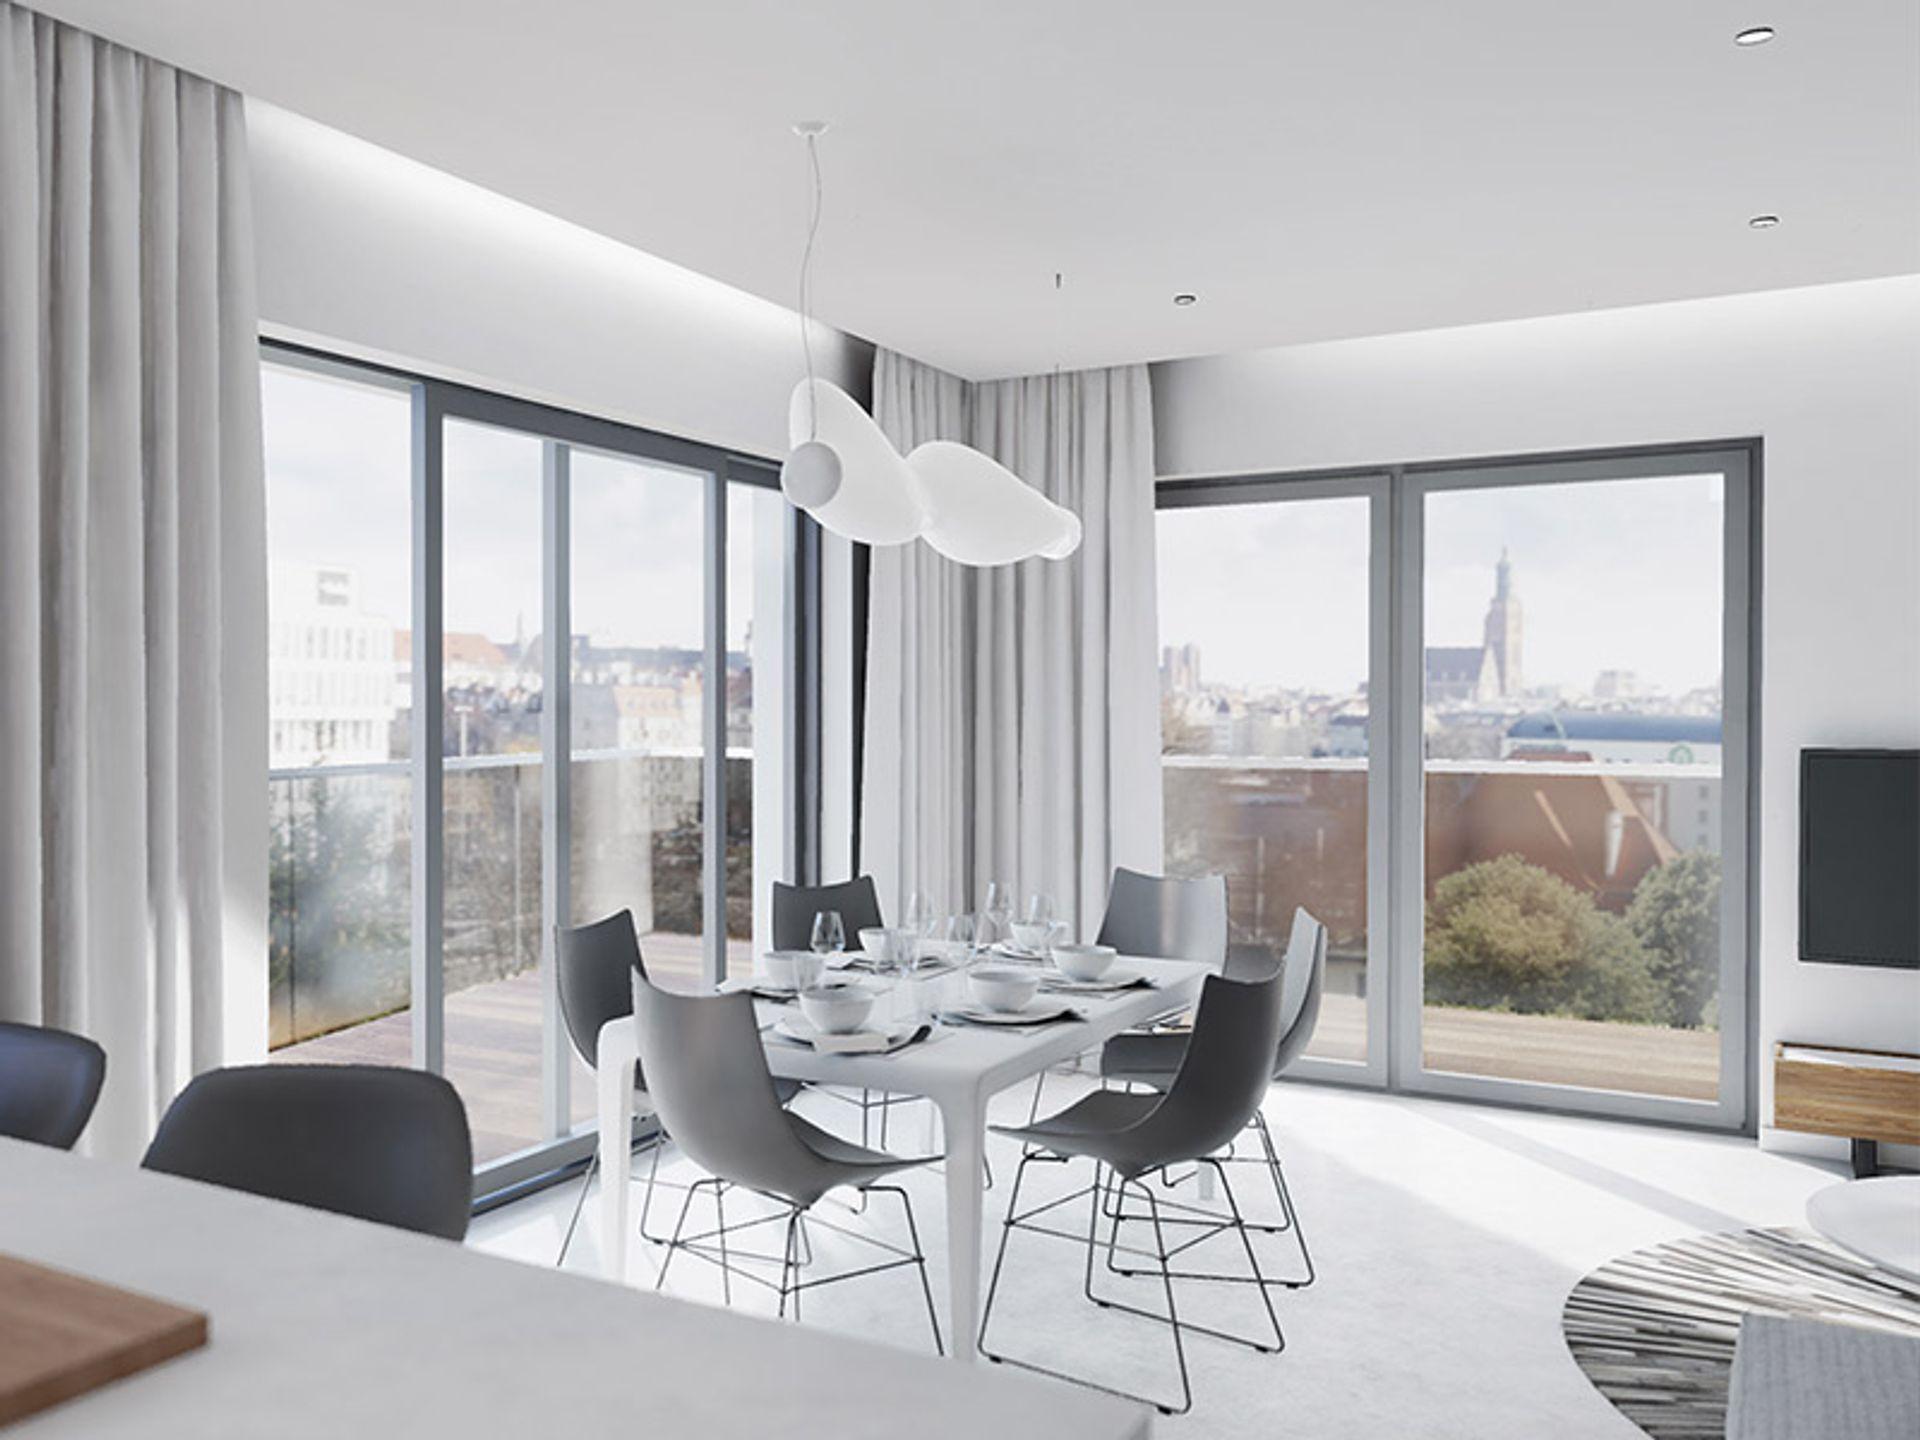 [Wrocław] Archicom wprowadza do sprzedaży kolejne apartamenty w inwestycji River Point